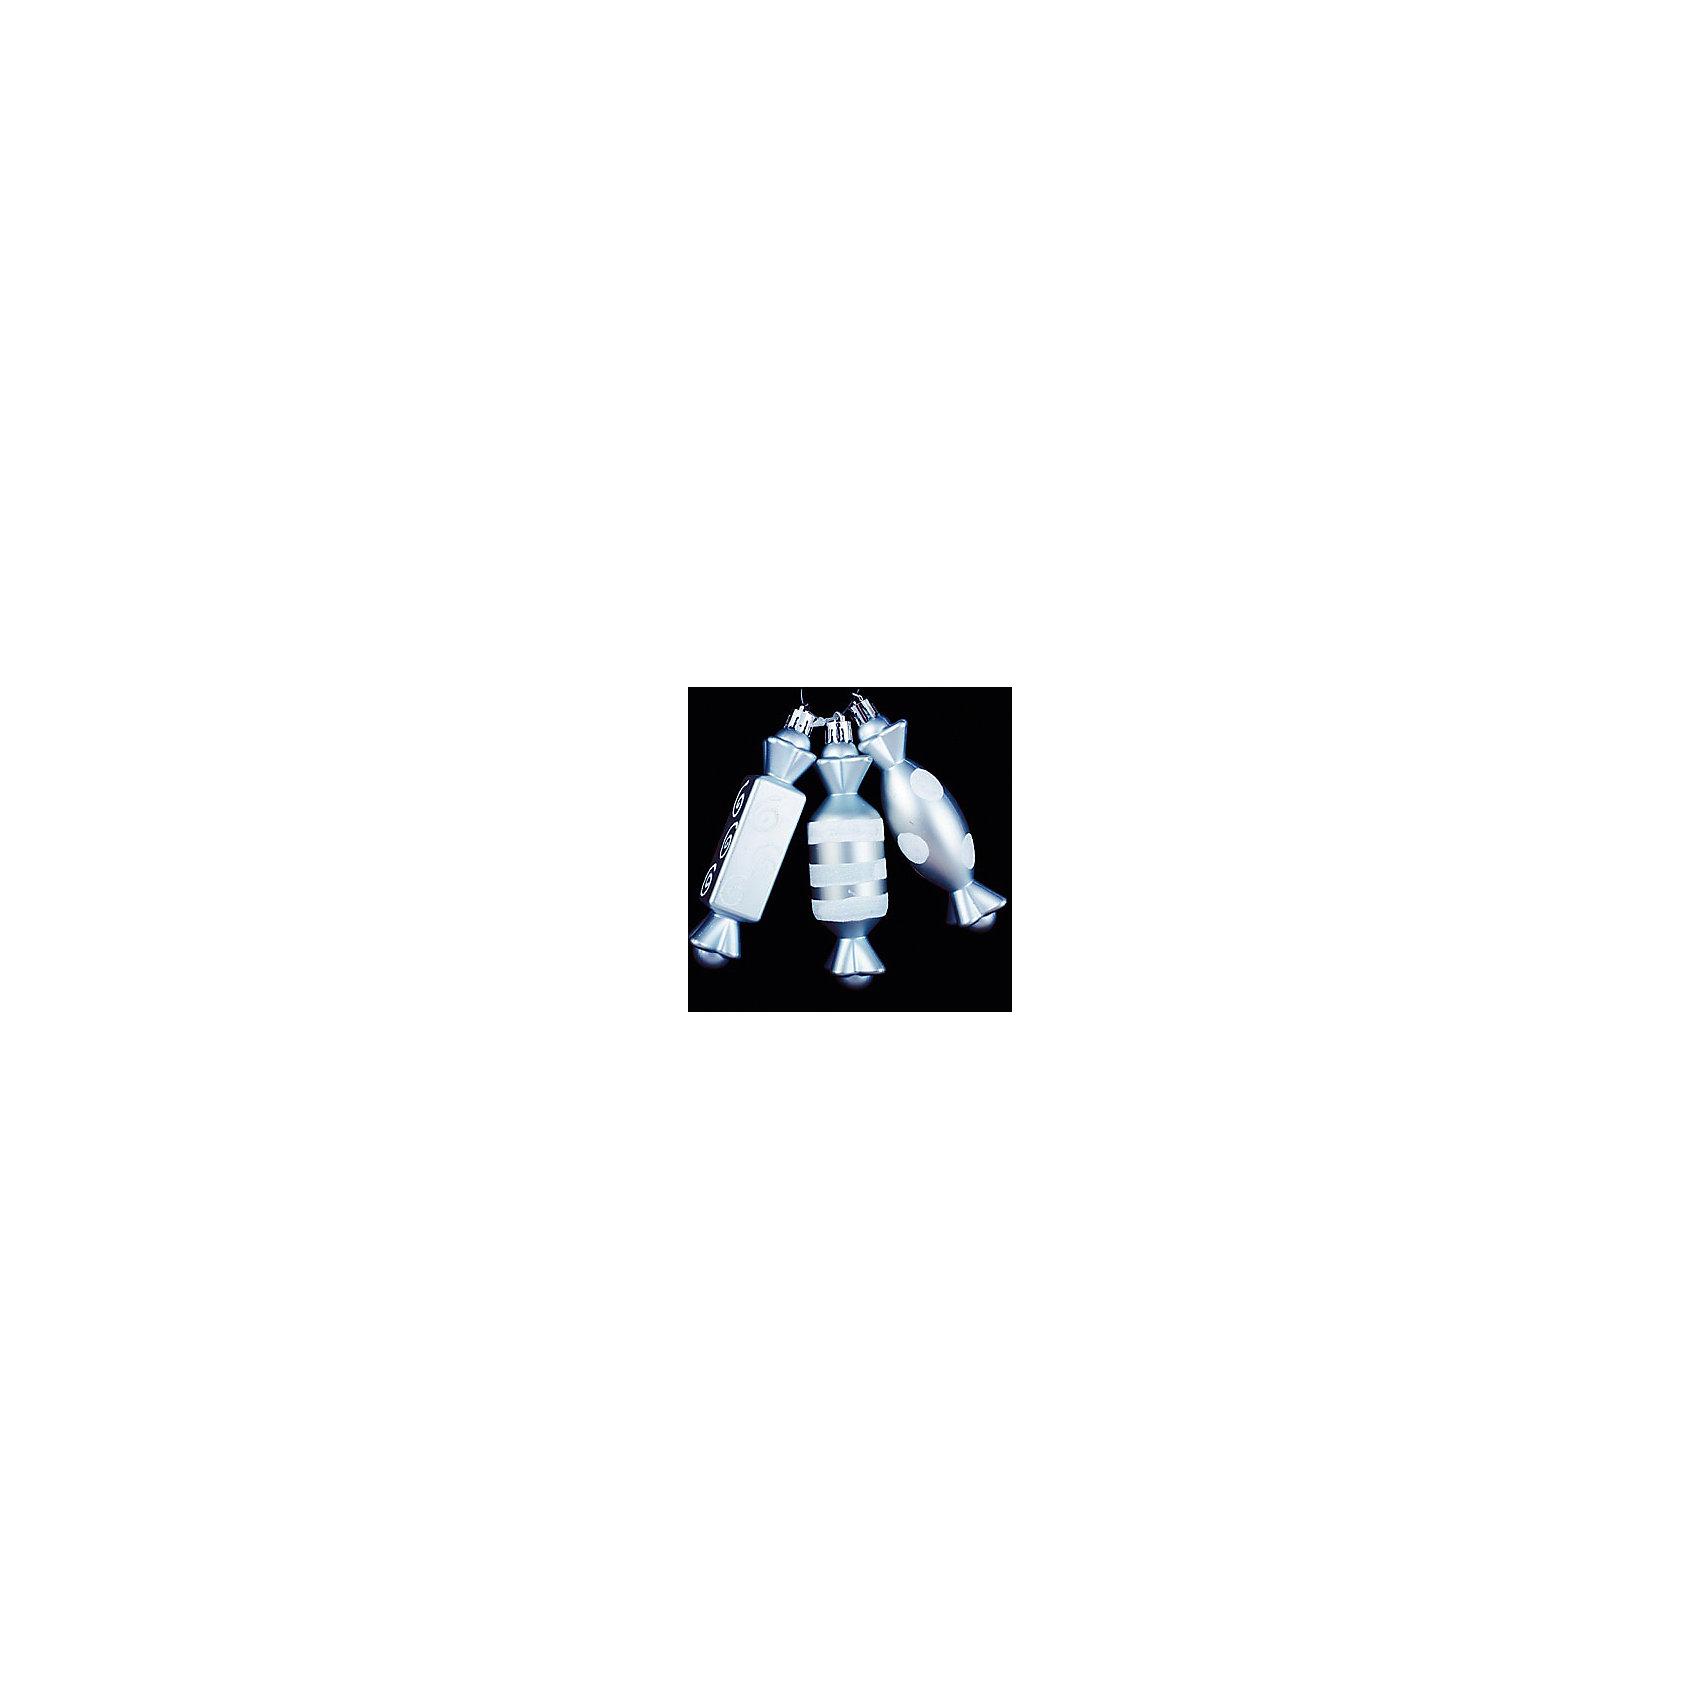 Marko Ferenzo Набор конфет 3 шт Розовые мечты 12 см, голубой marko ferenzo набор желудей 3 шт grande 4 см золотой